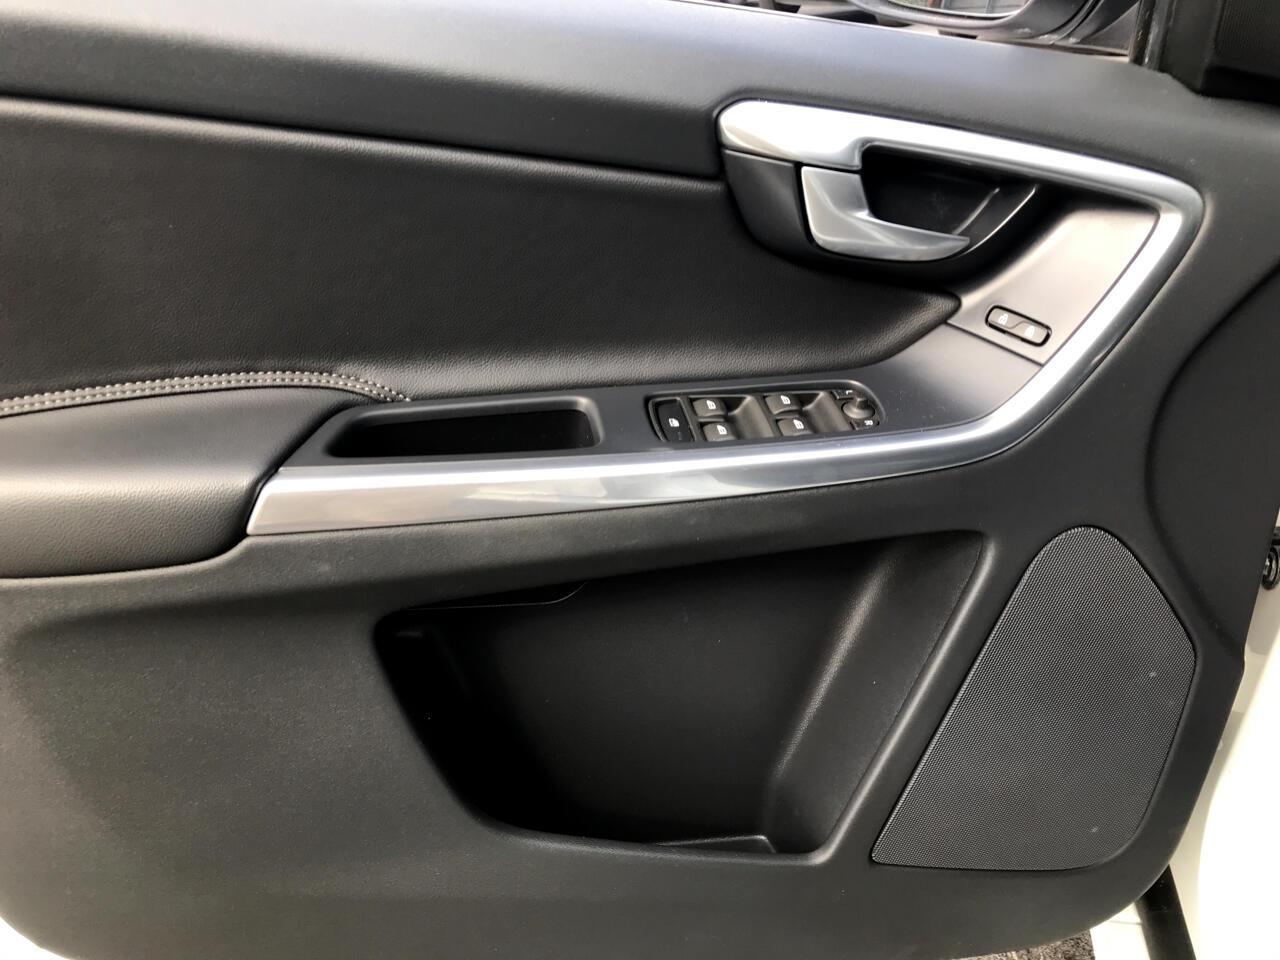 2015 Volvo XC60 2015.5 FWD 4dr T5 Drive-E